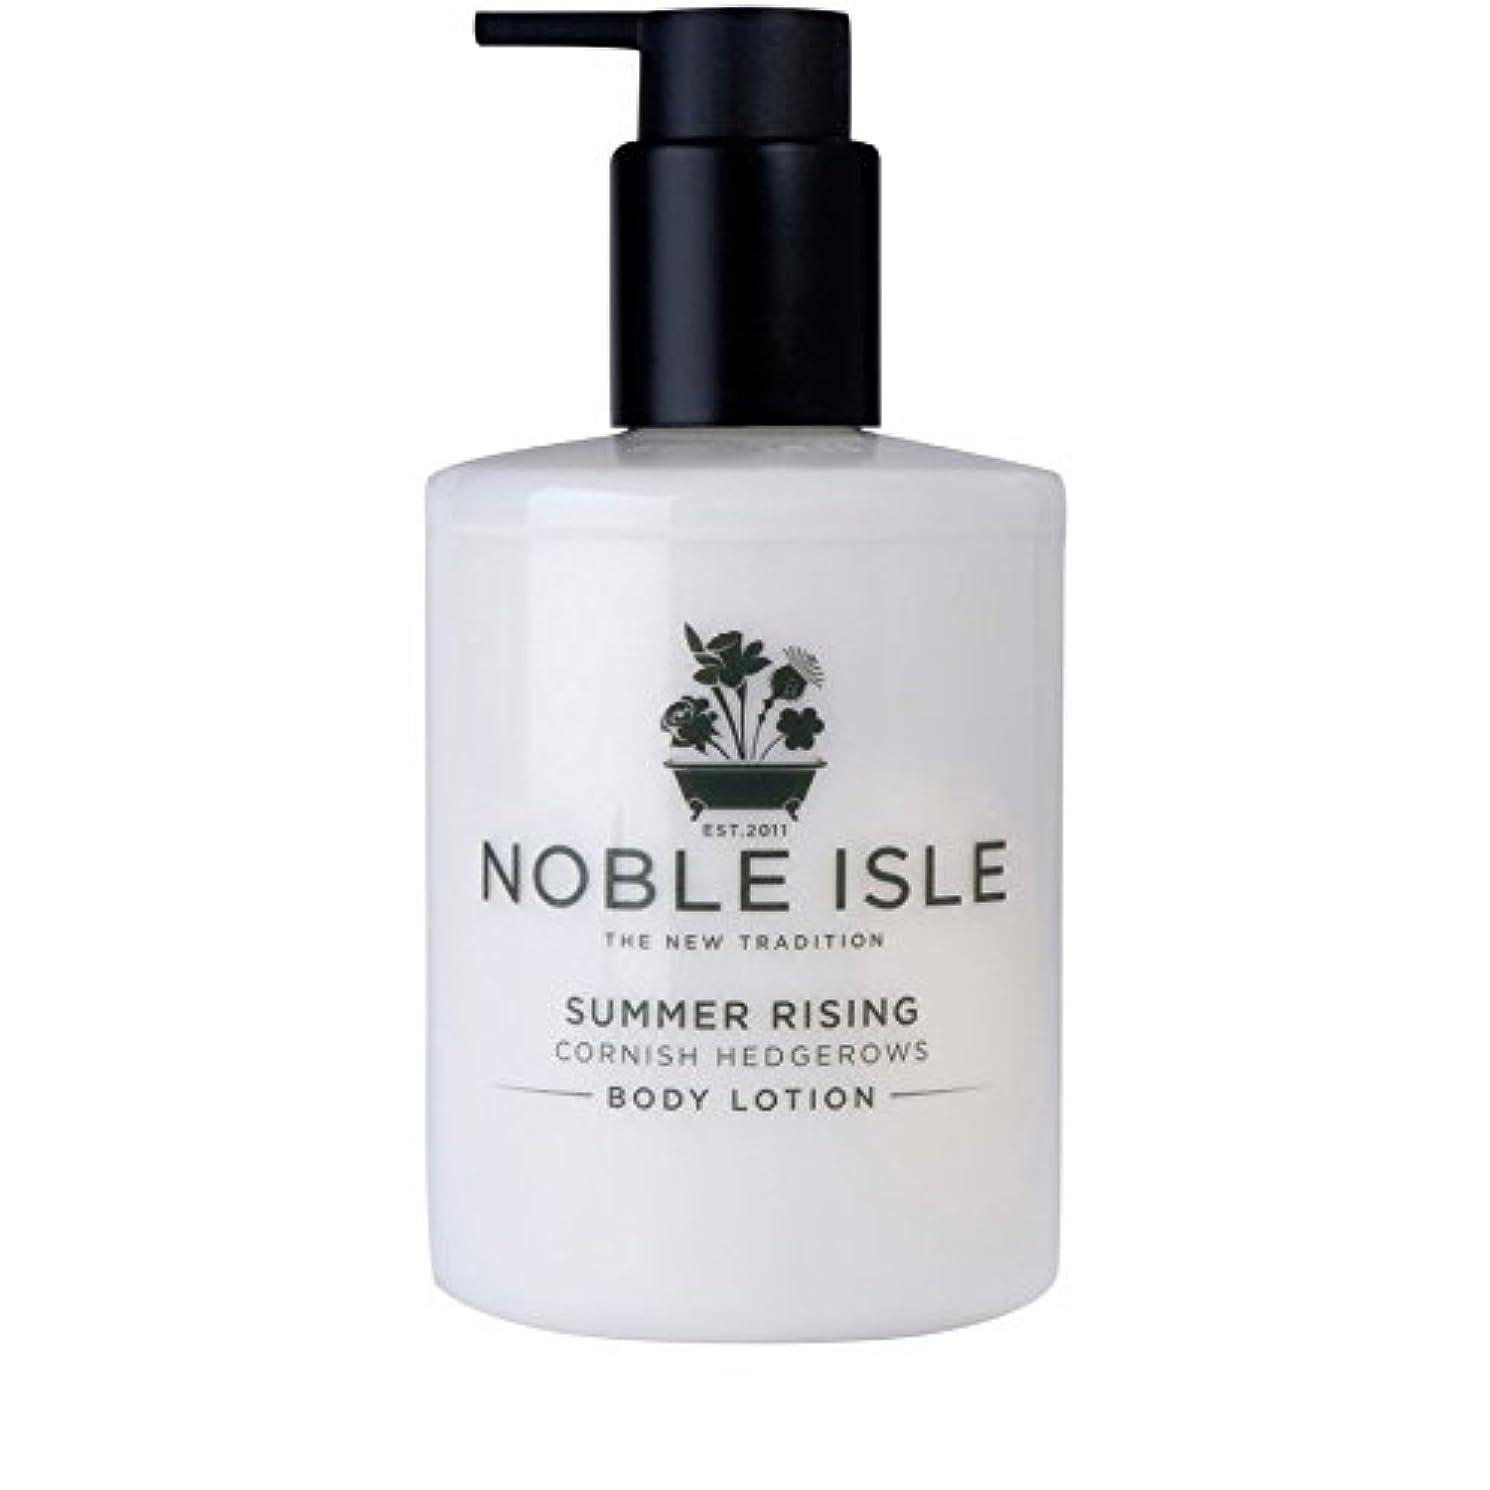 指標たくさんの高いコーニッシュ生け垣ボディローション250ミリリットルを上昇高貴な島の夏 x2 - Noble Isle Summer Rising Cornish Hedgerows Body Lotion 250ml (Pack of...